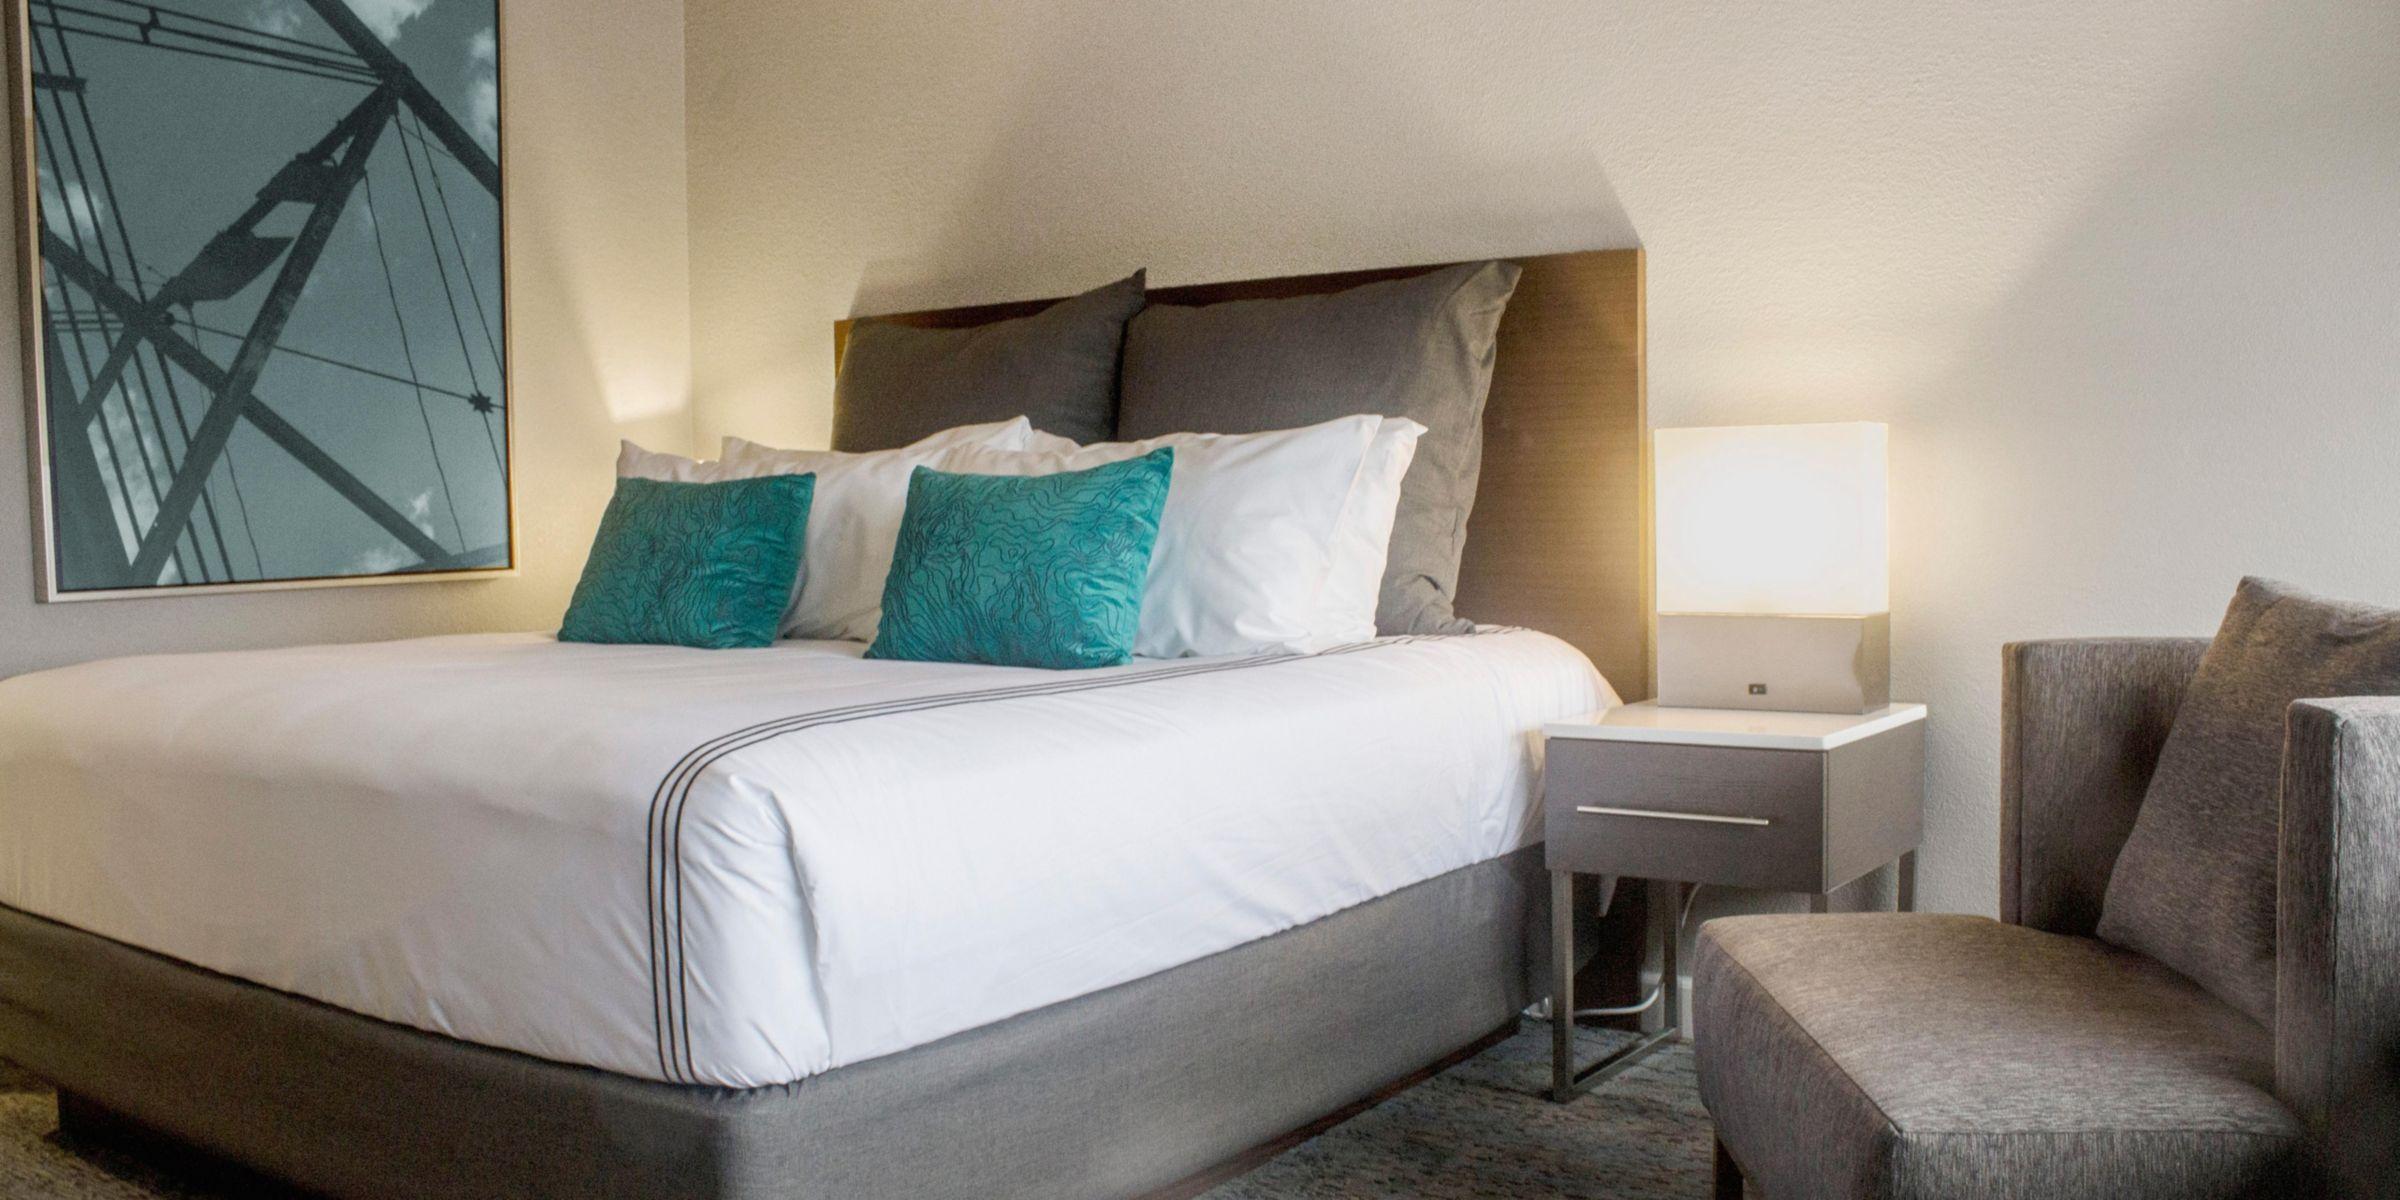 Hotel Indigo Harrisburg - Harrisburg, PENSILVANIA